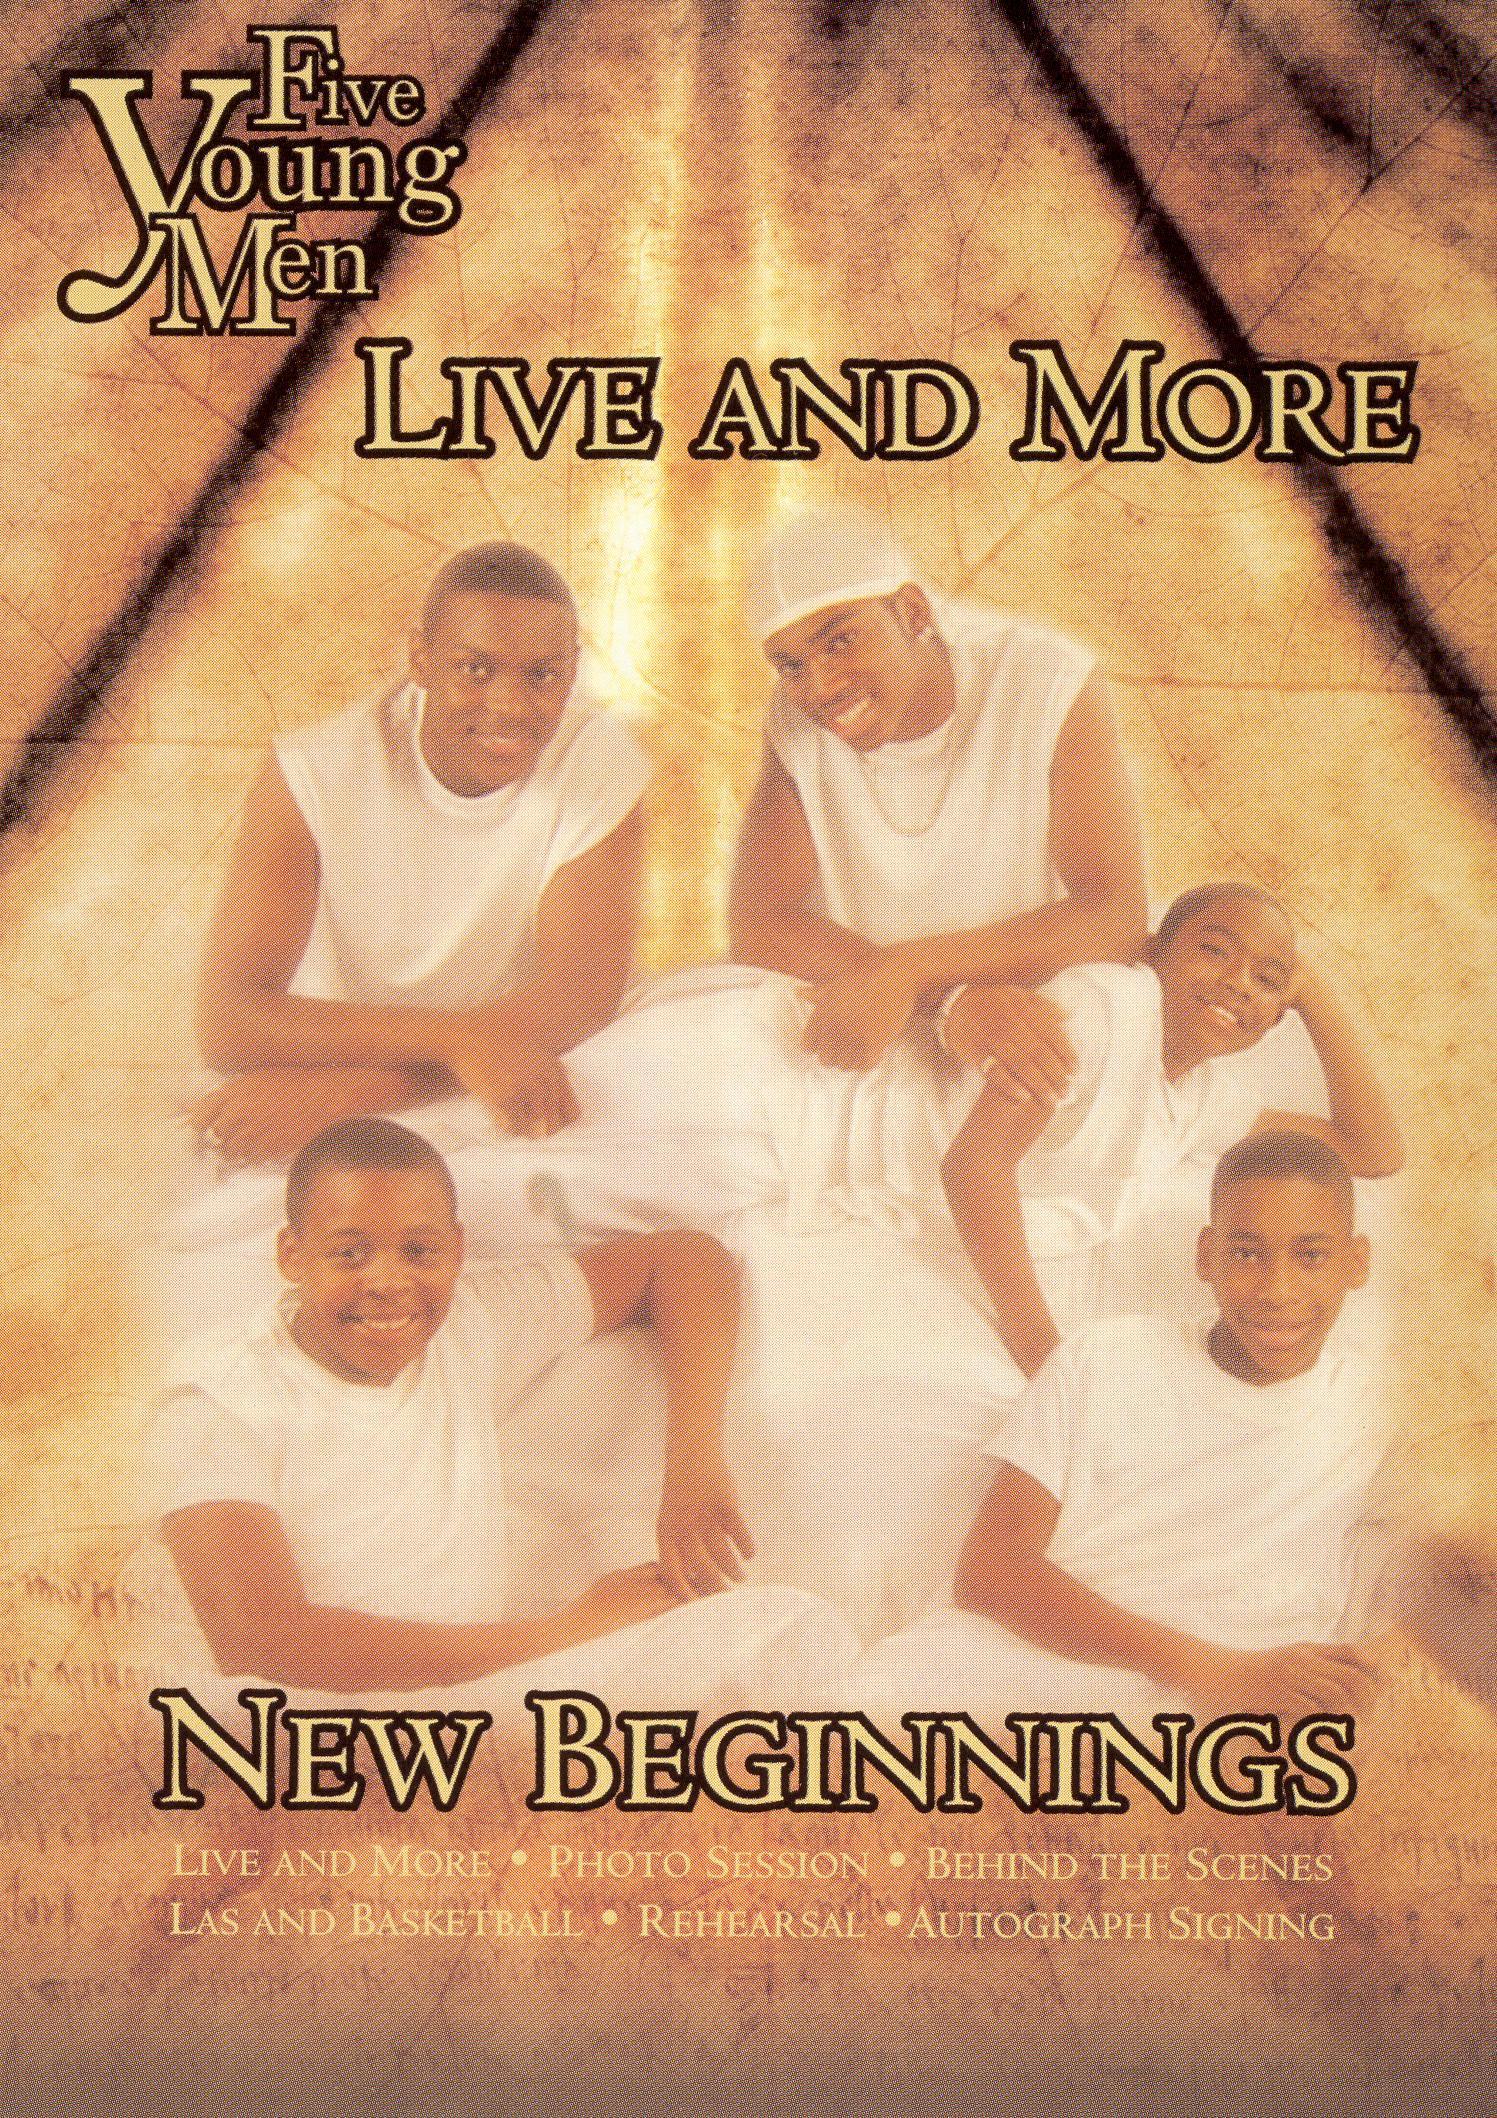 Five Young Men: New Beginnings